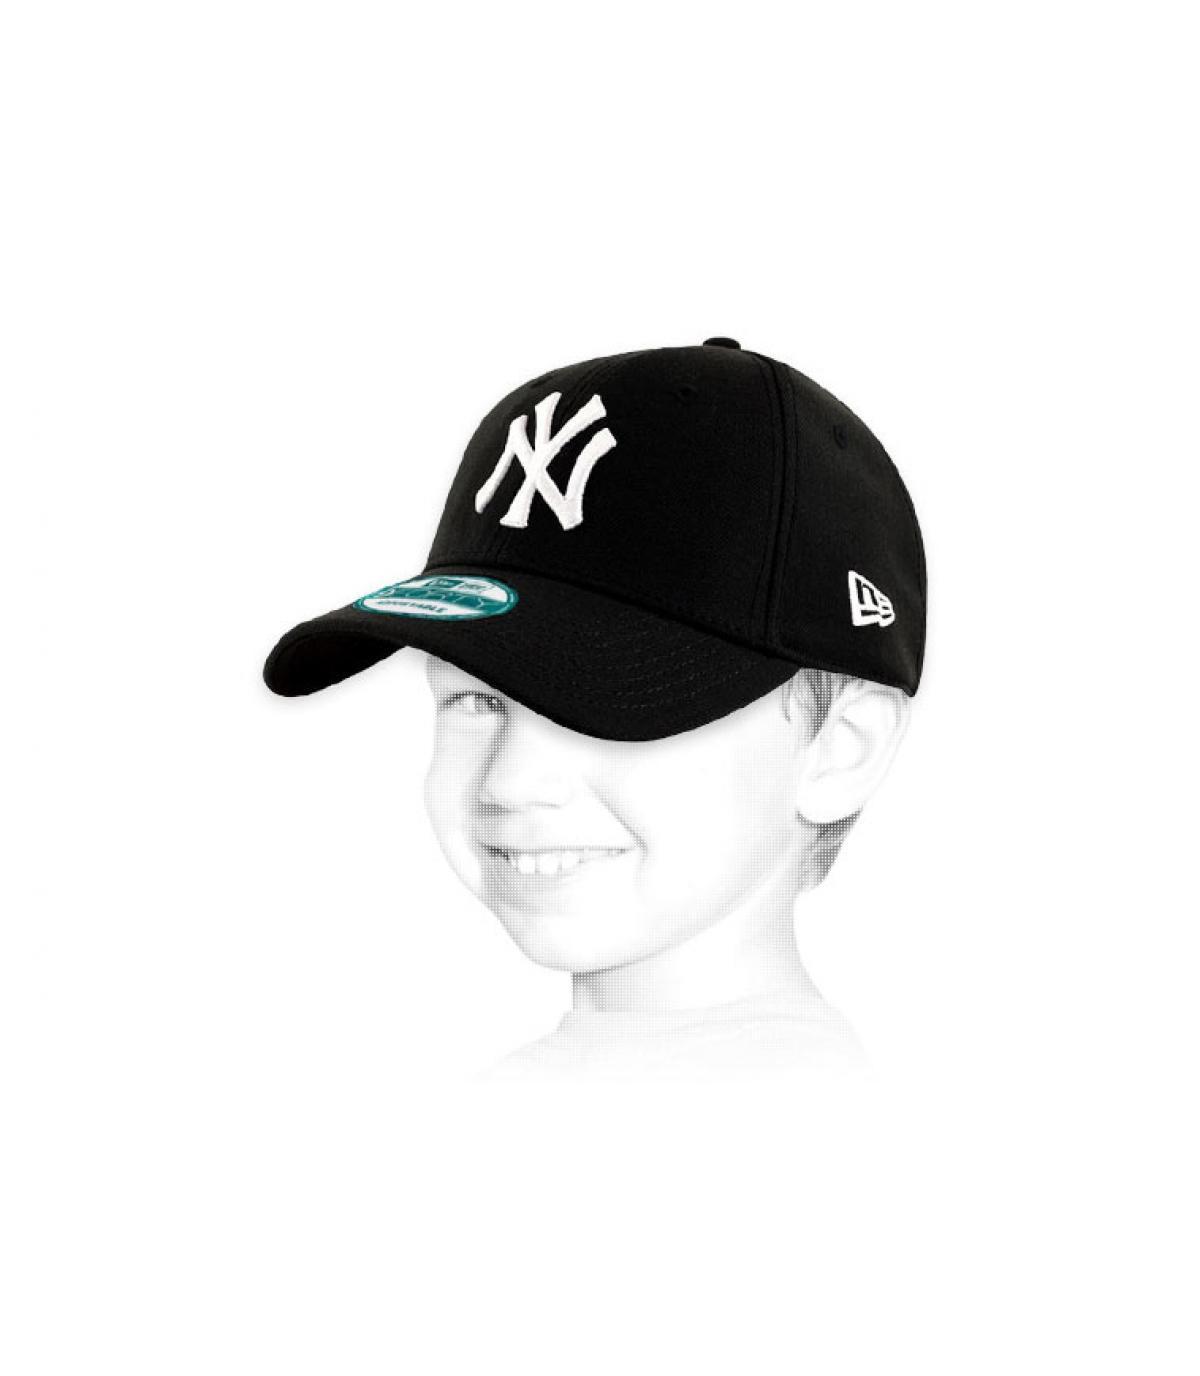 Détails Casquette NY 9forty noire enfant - image 2